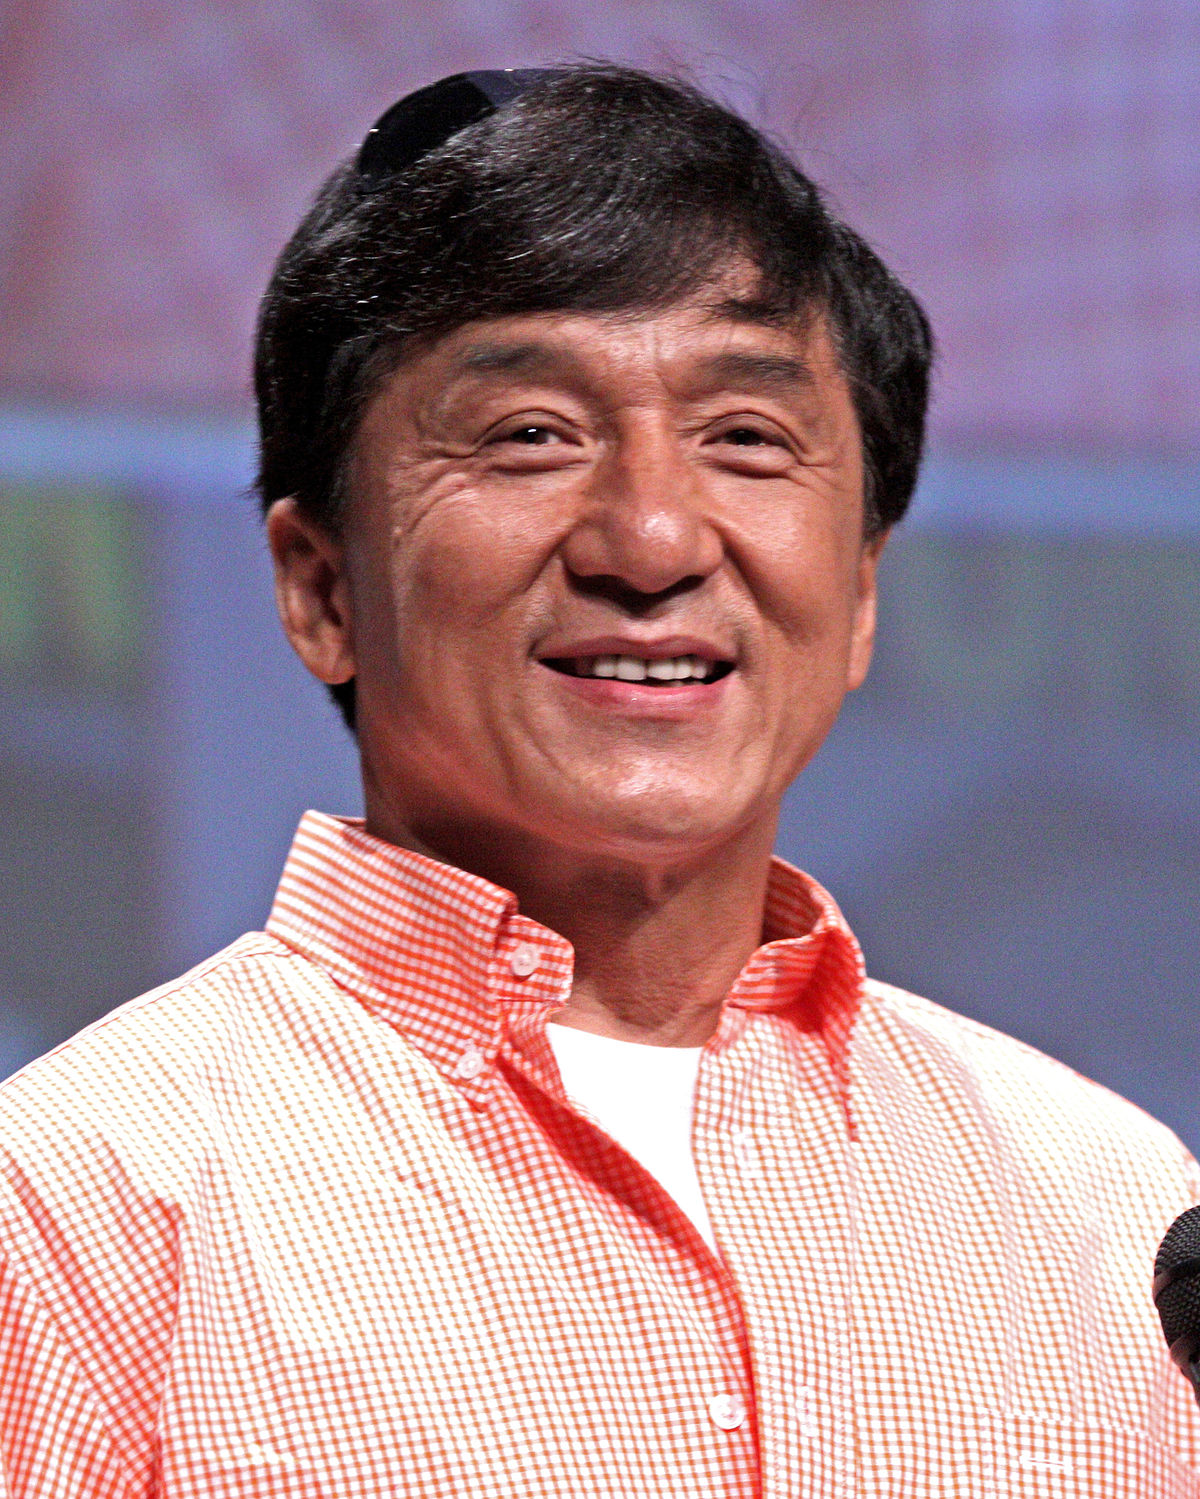 Jackie Chan - Wikipedi...